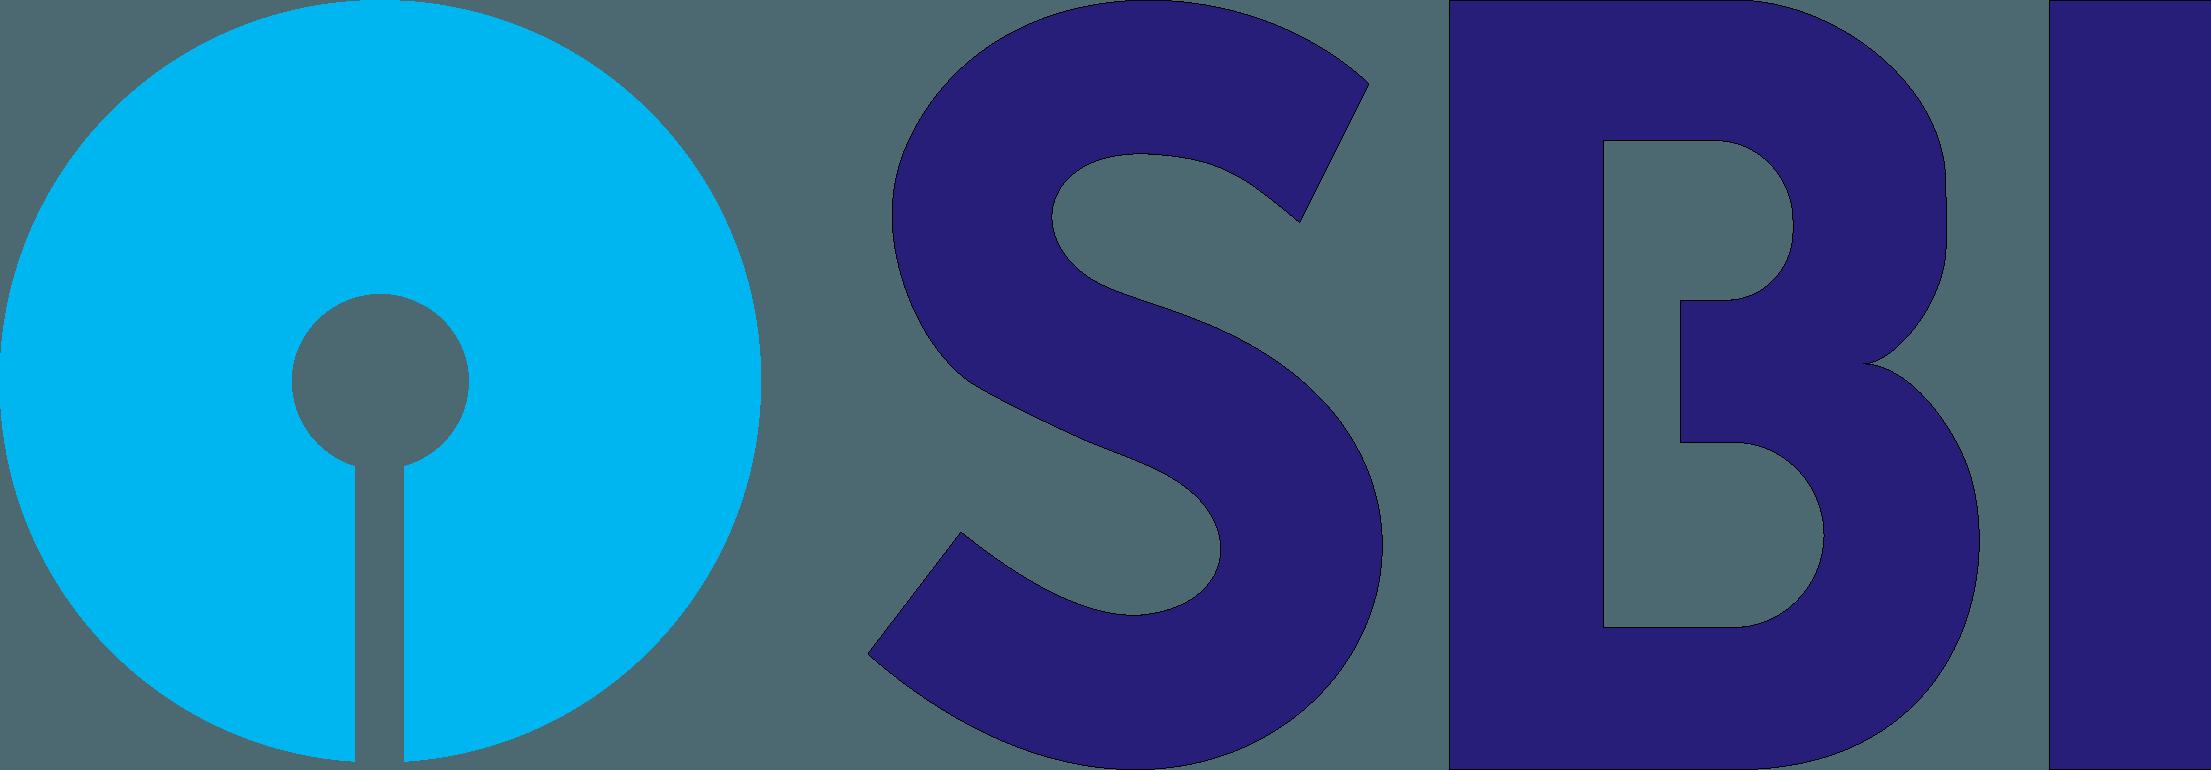 sbi logo state bank of india group pngsvg logo